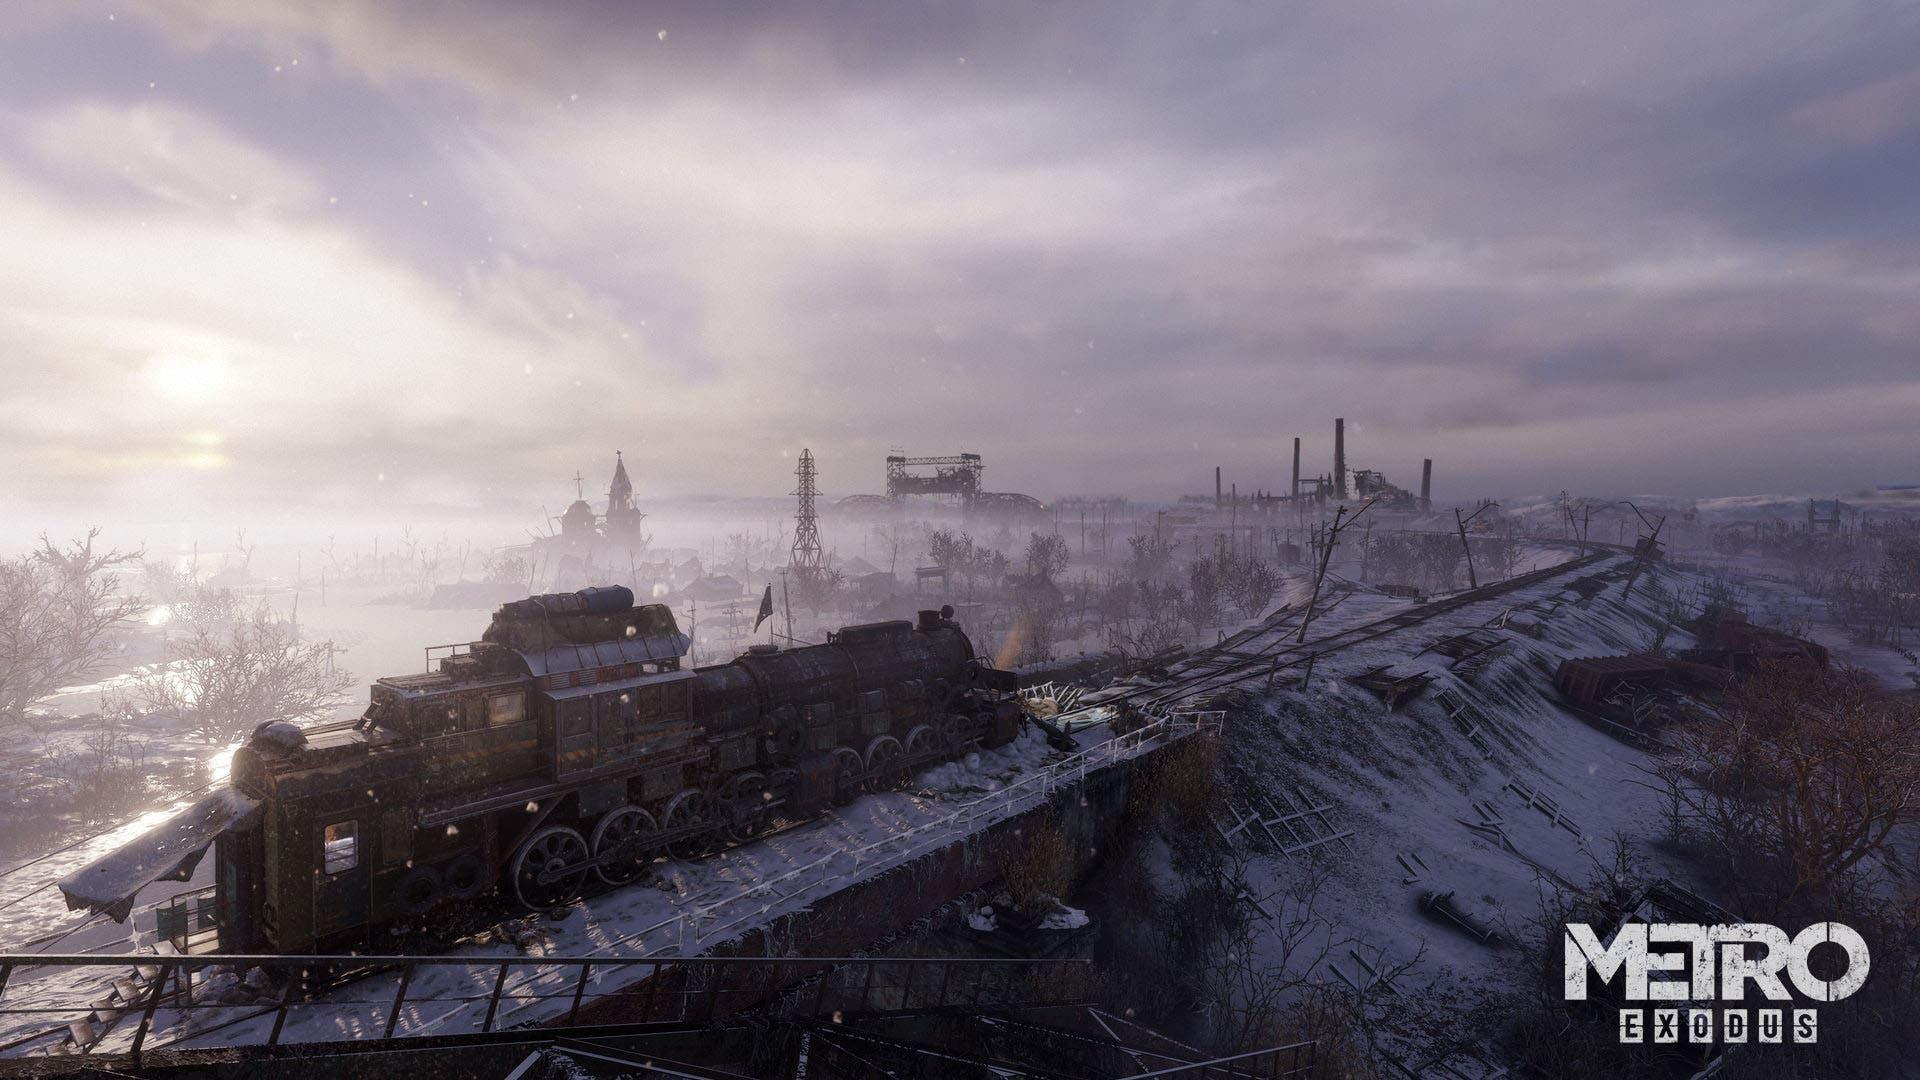 Impresiones finales de Metro Exodus 2